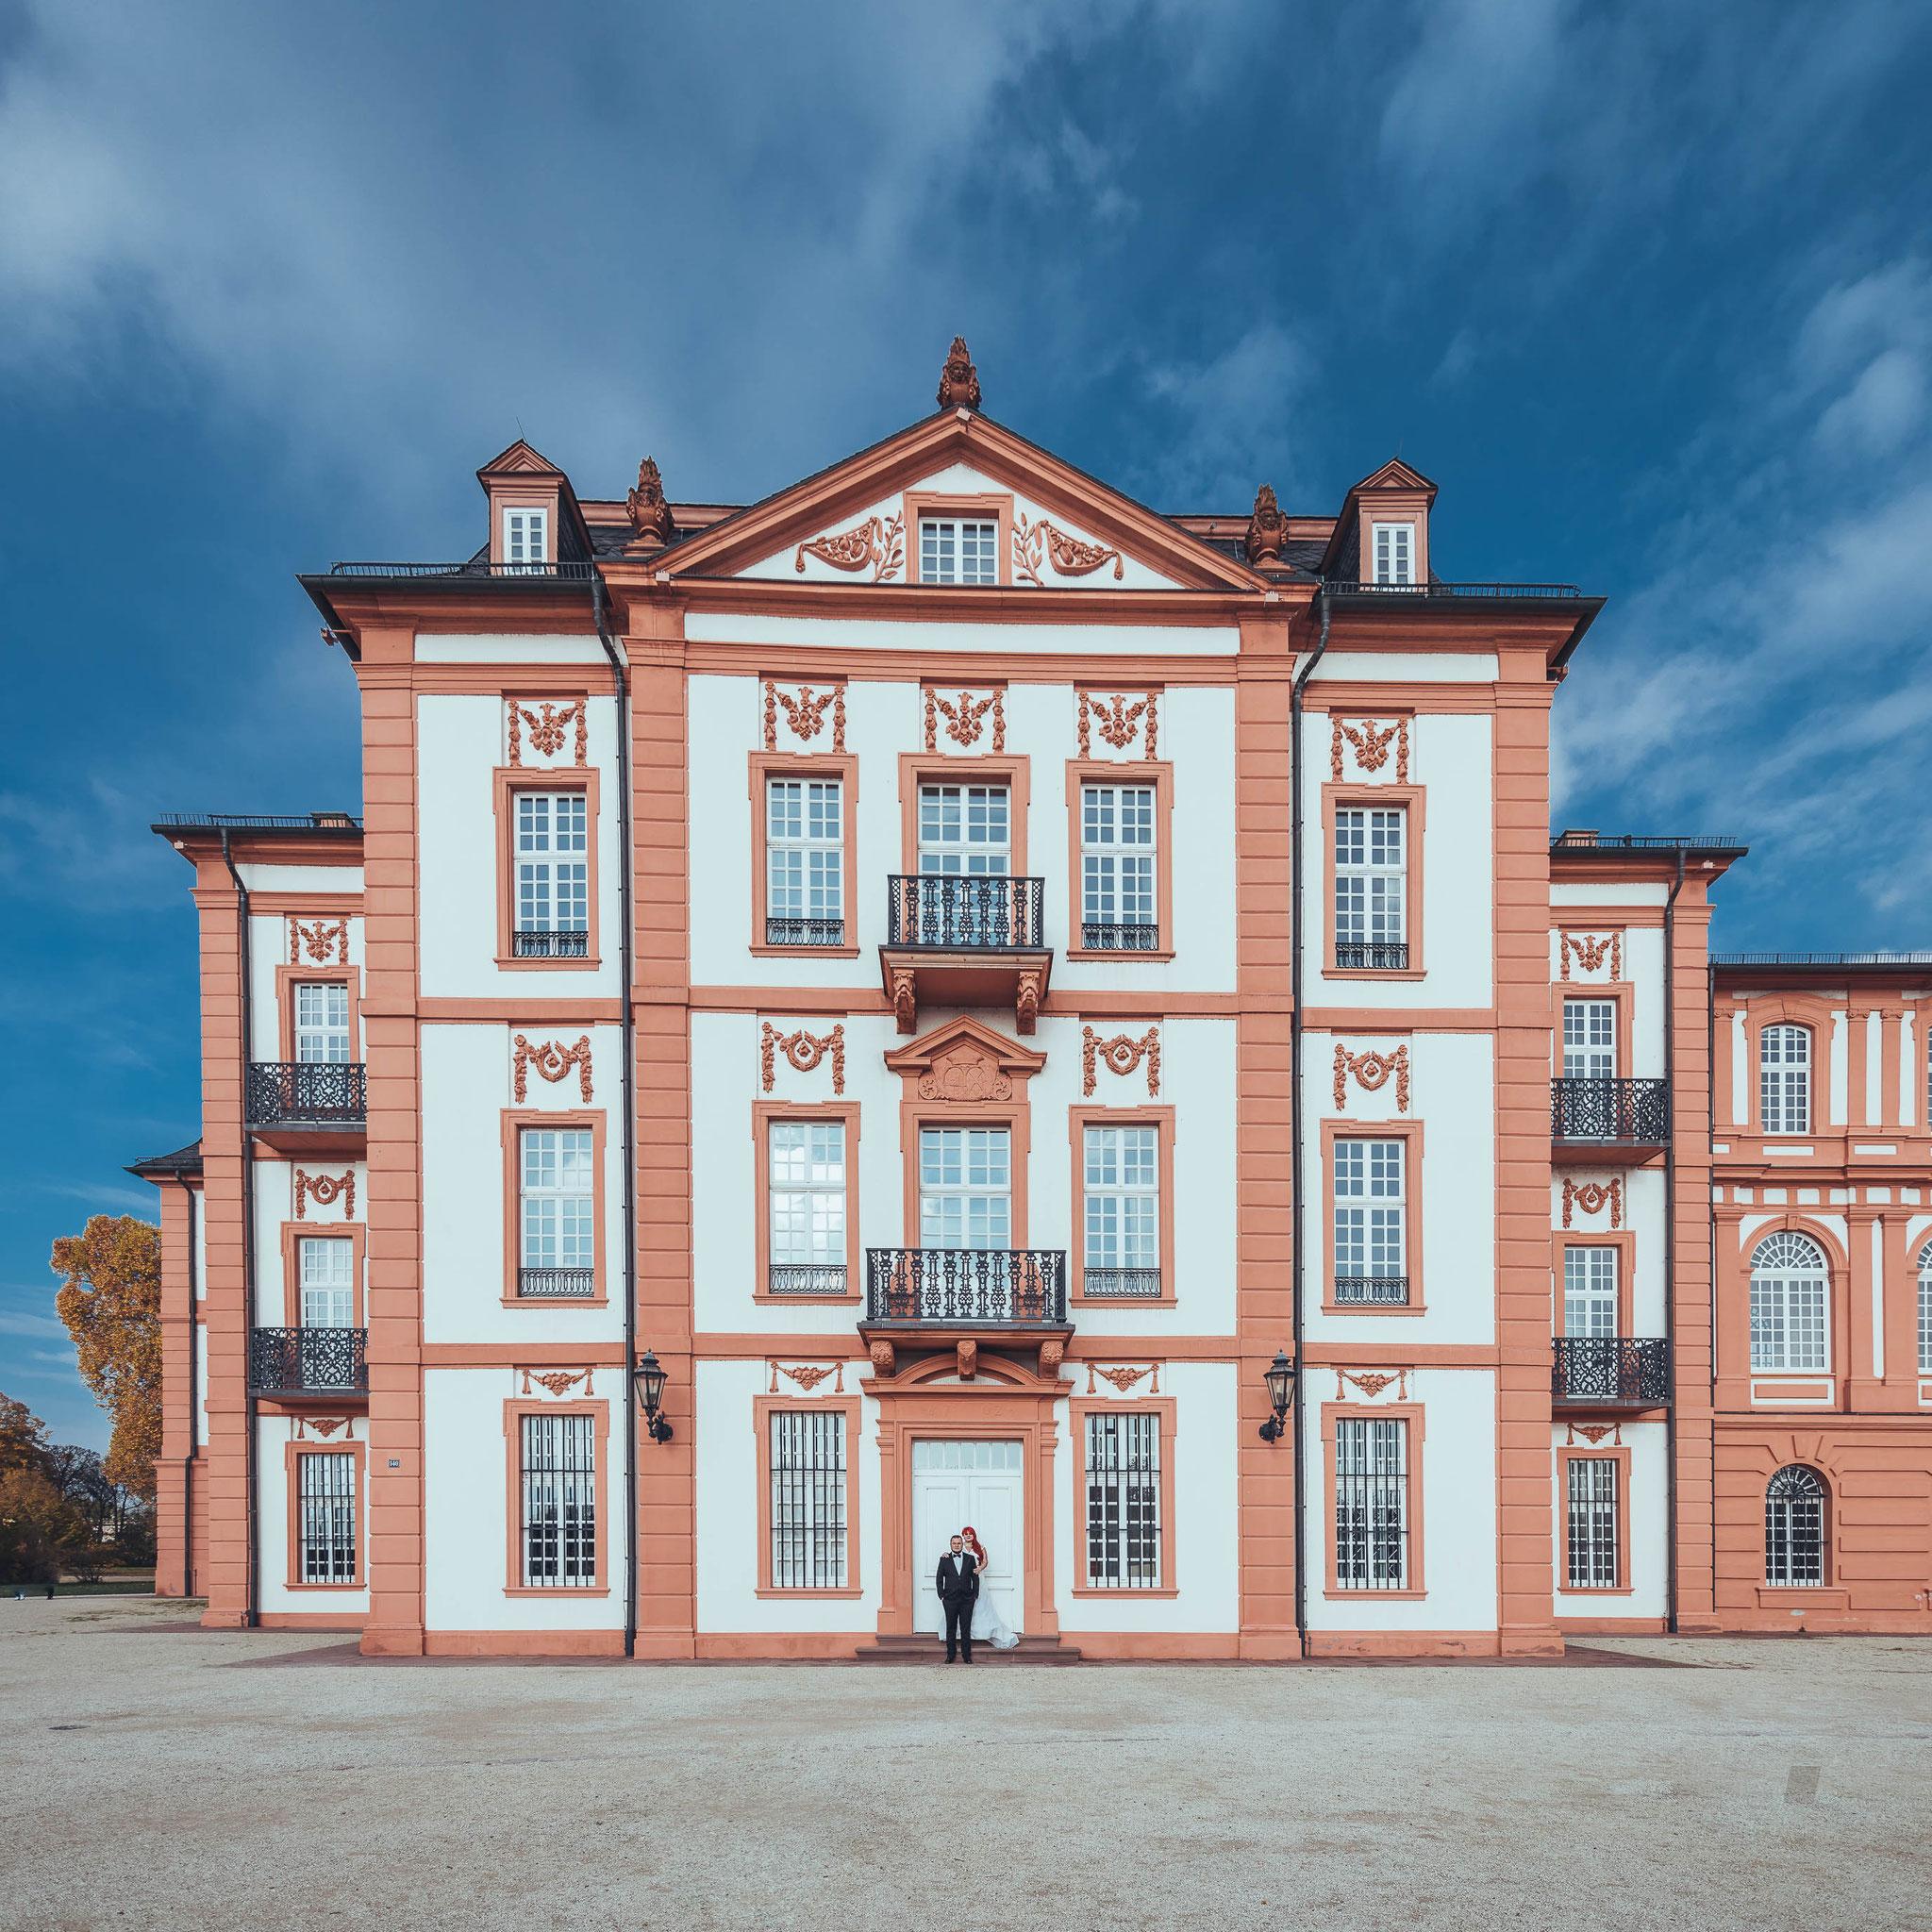 Foto und Video für internationale Hochzeit in Bad Brückenau, Kassel, Mannheim, Koblenz, Bad Homburg